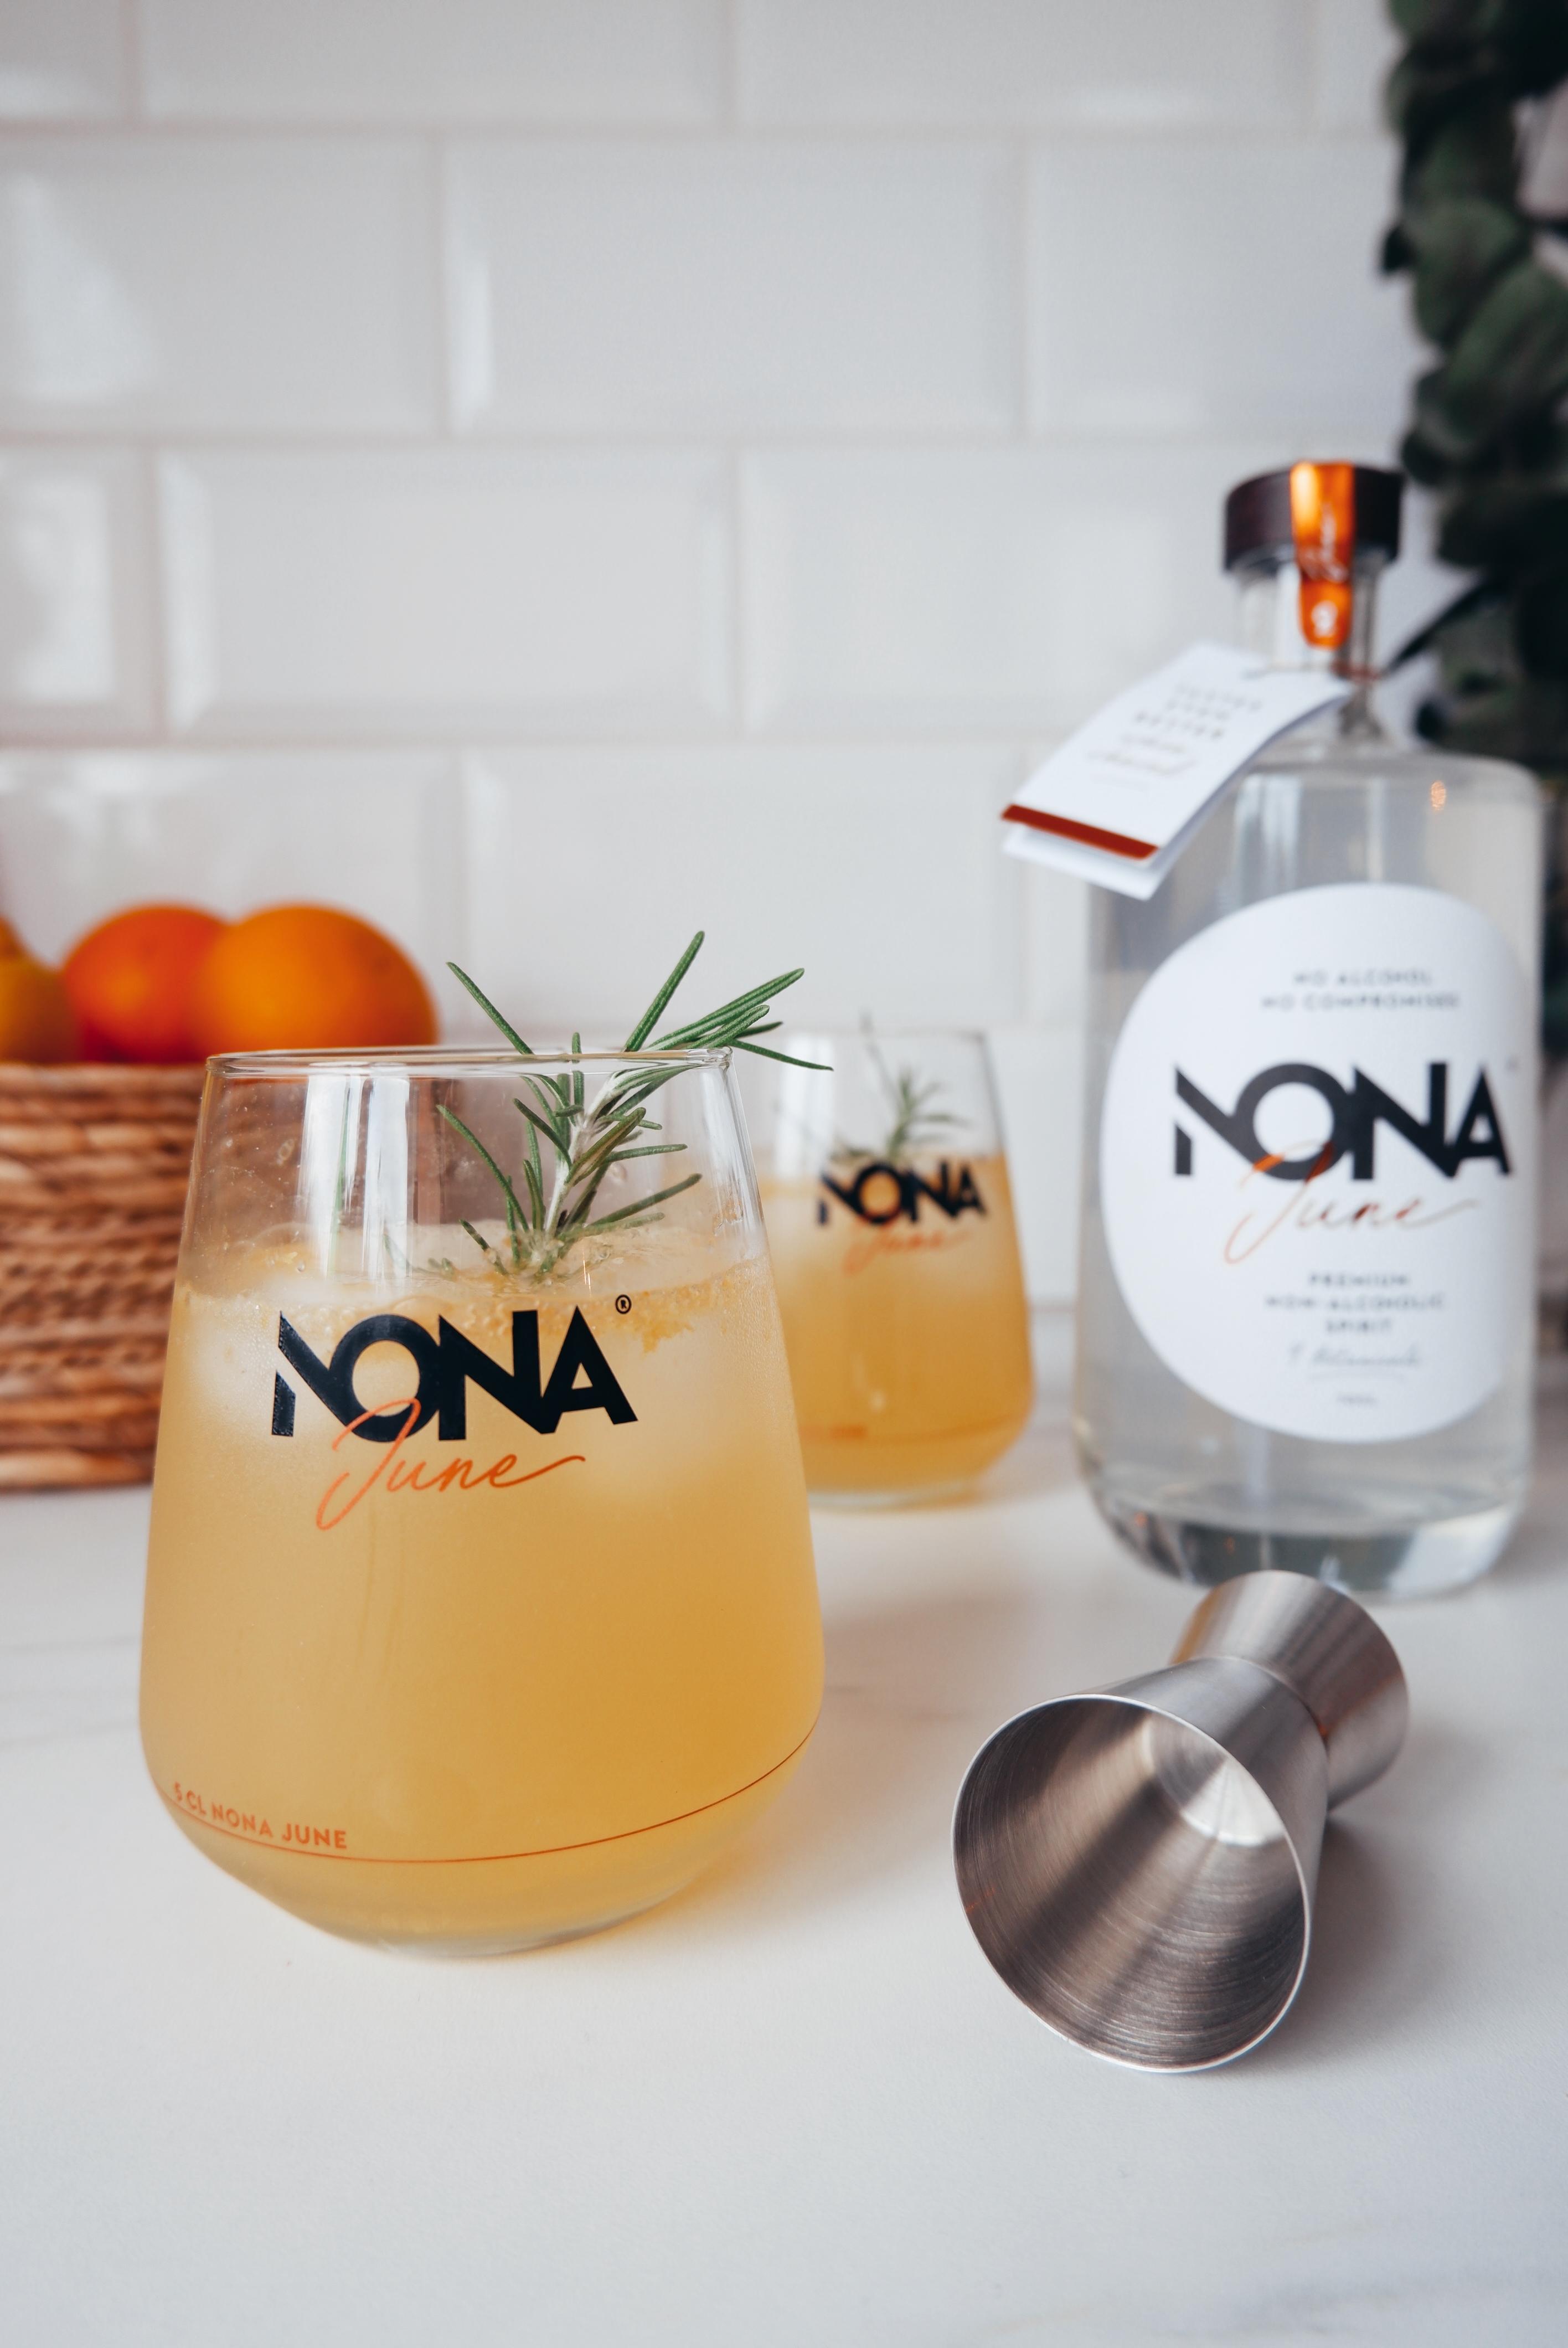 cocktails-recette-non-june-clementina-ellemixe